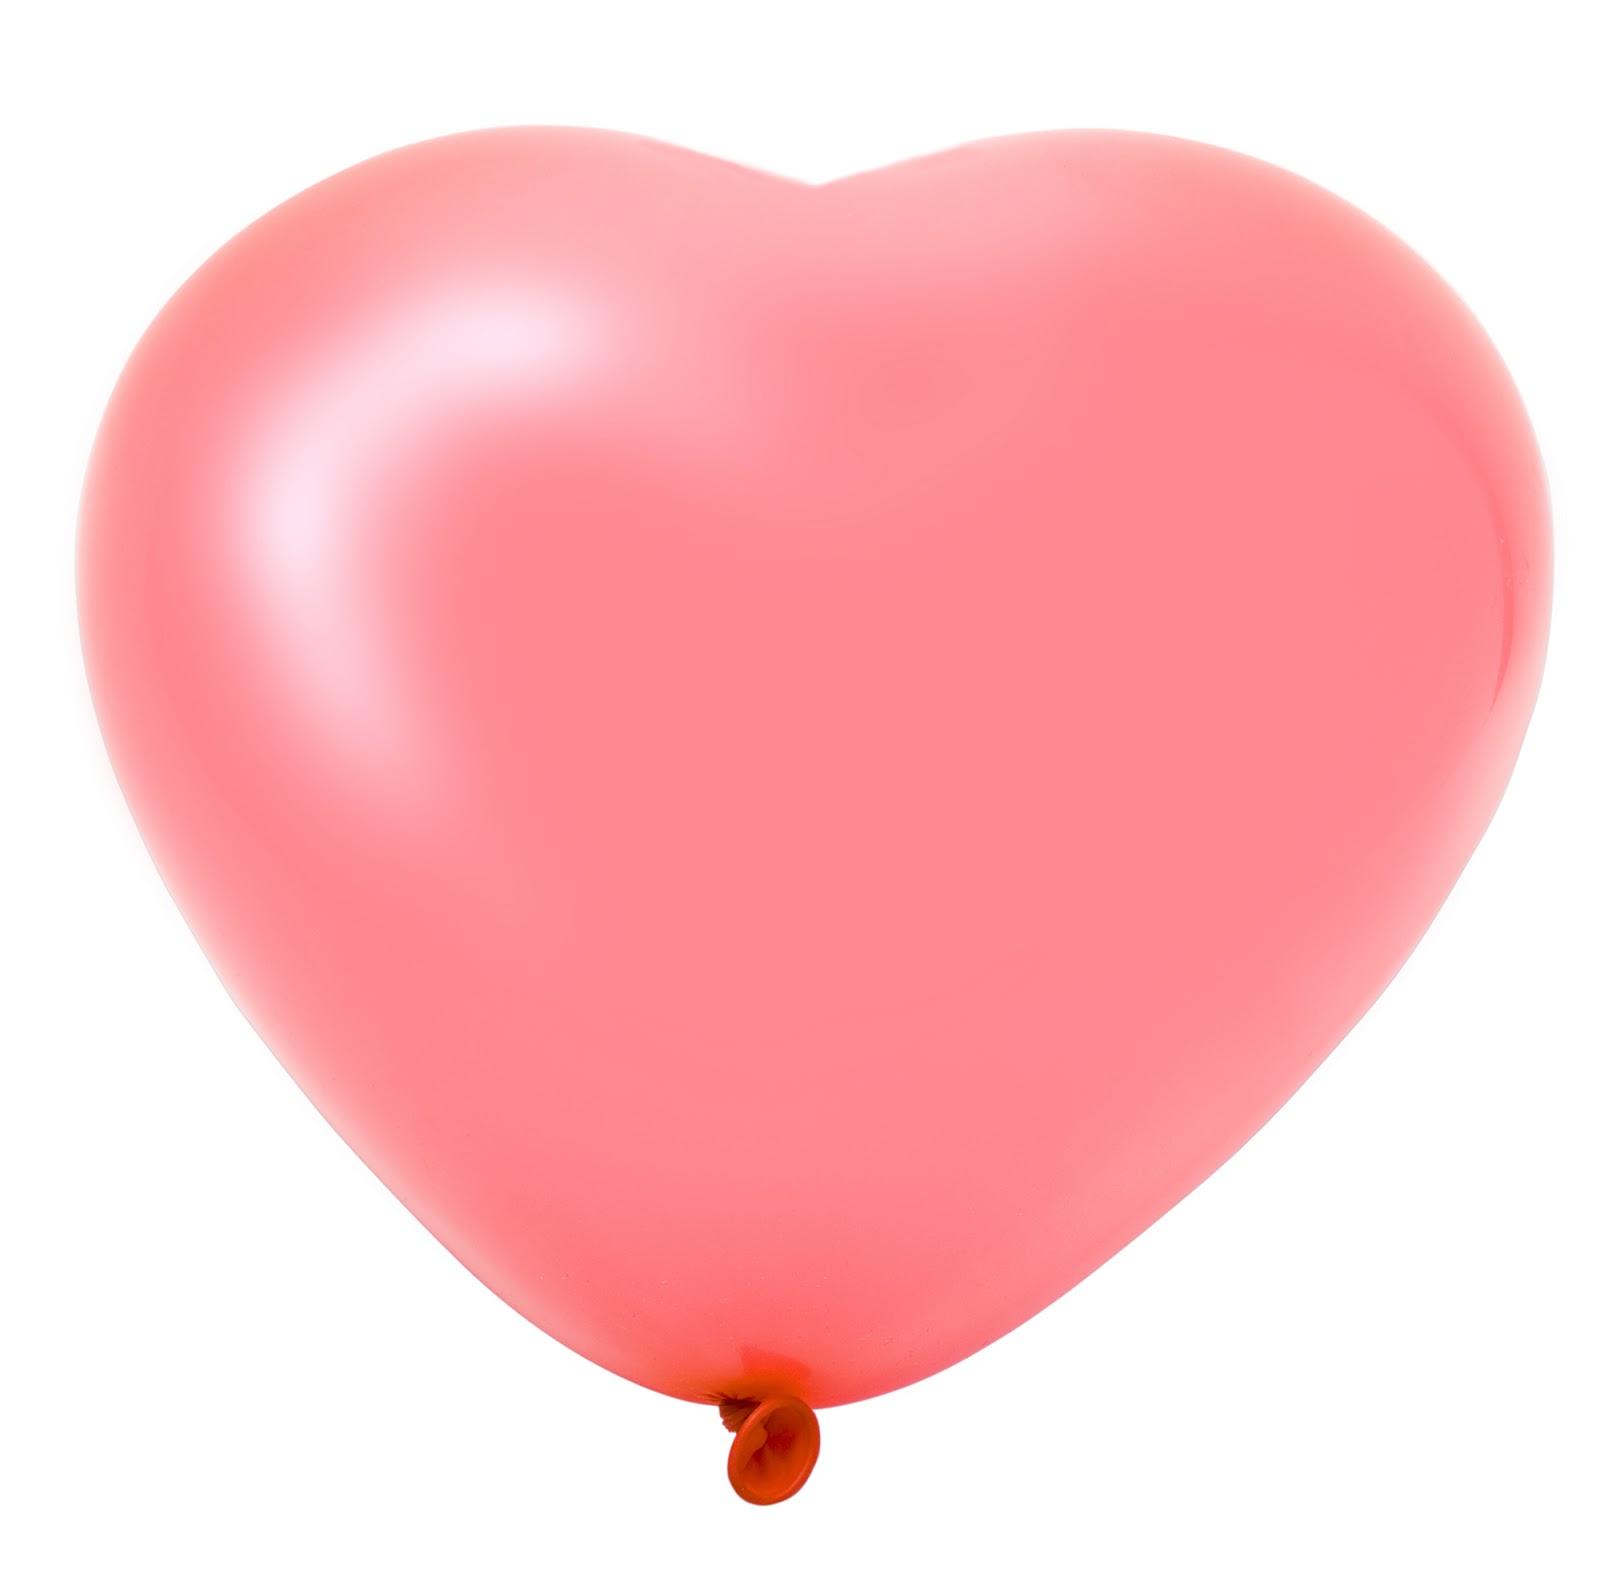 Balloon Heart   Balloo...